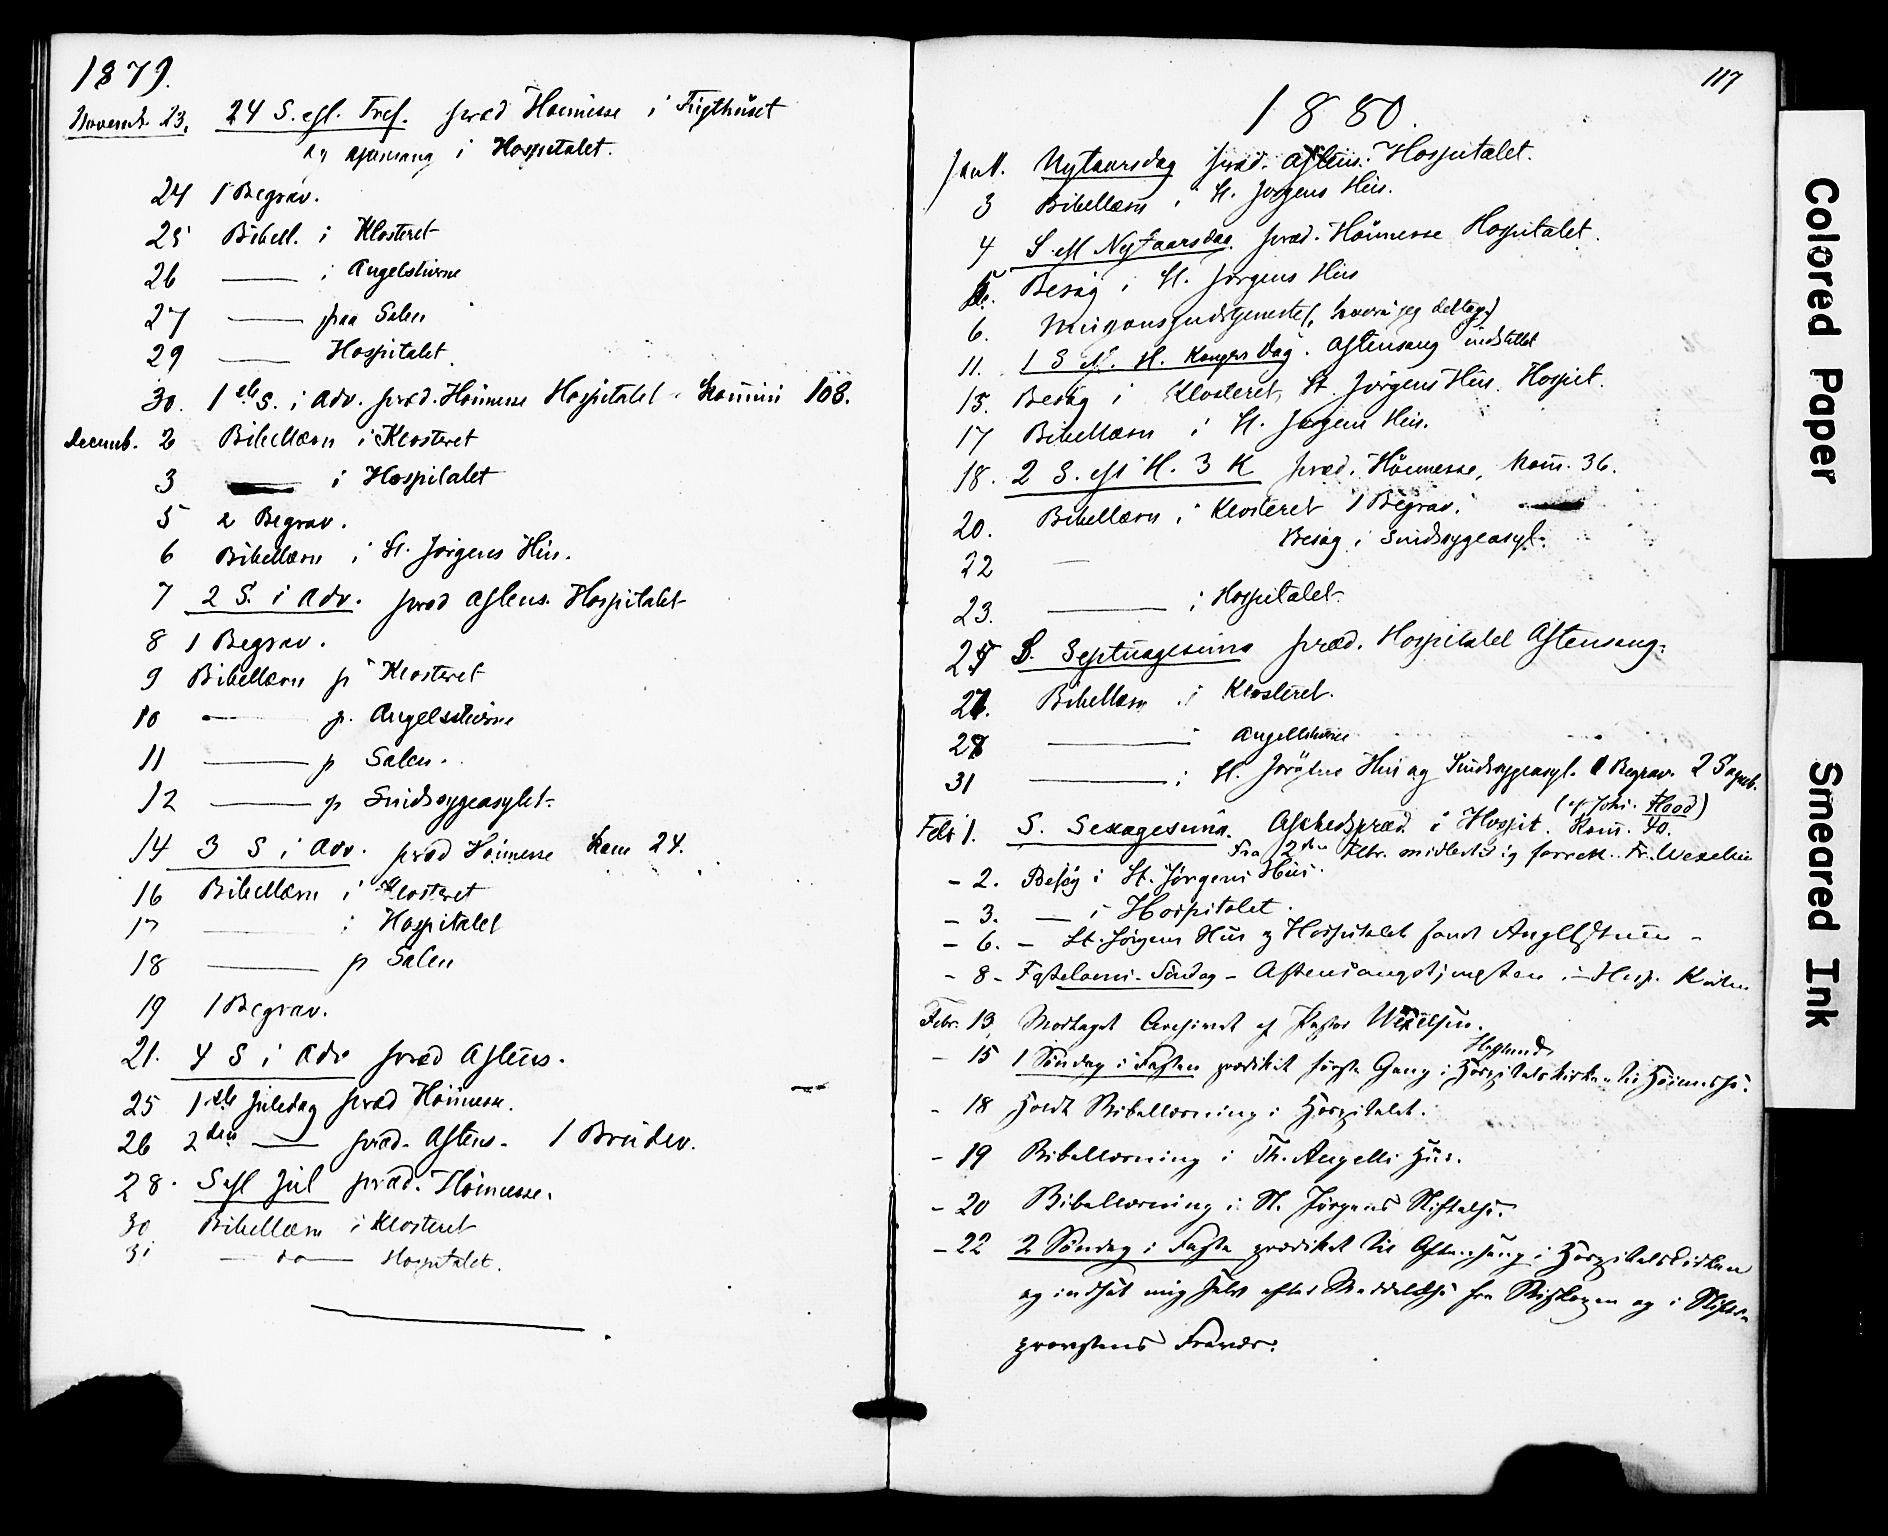 SAT, Ministerialprotokoller, klokkerbøker og fødselsregistre - Sør-Trøndelag, 623/L0469: Ministerialbok nr. 623A03, 1868-1883, s. 117